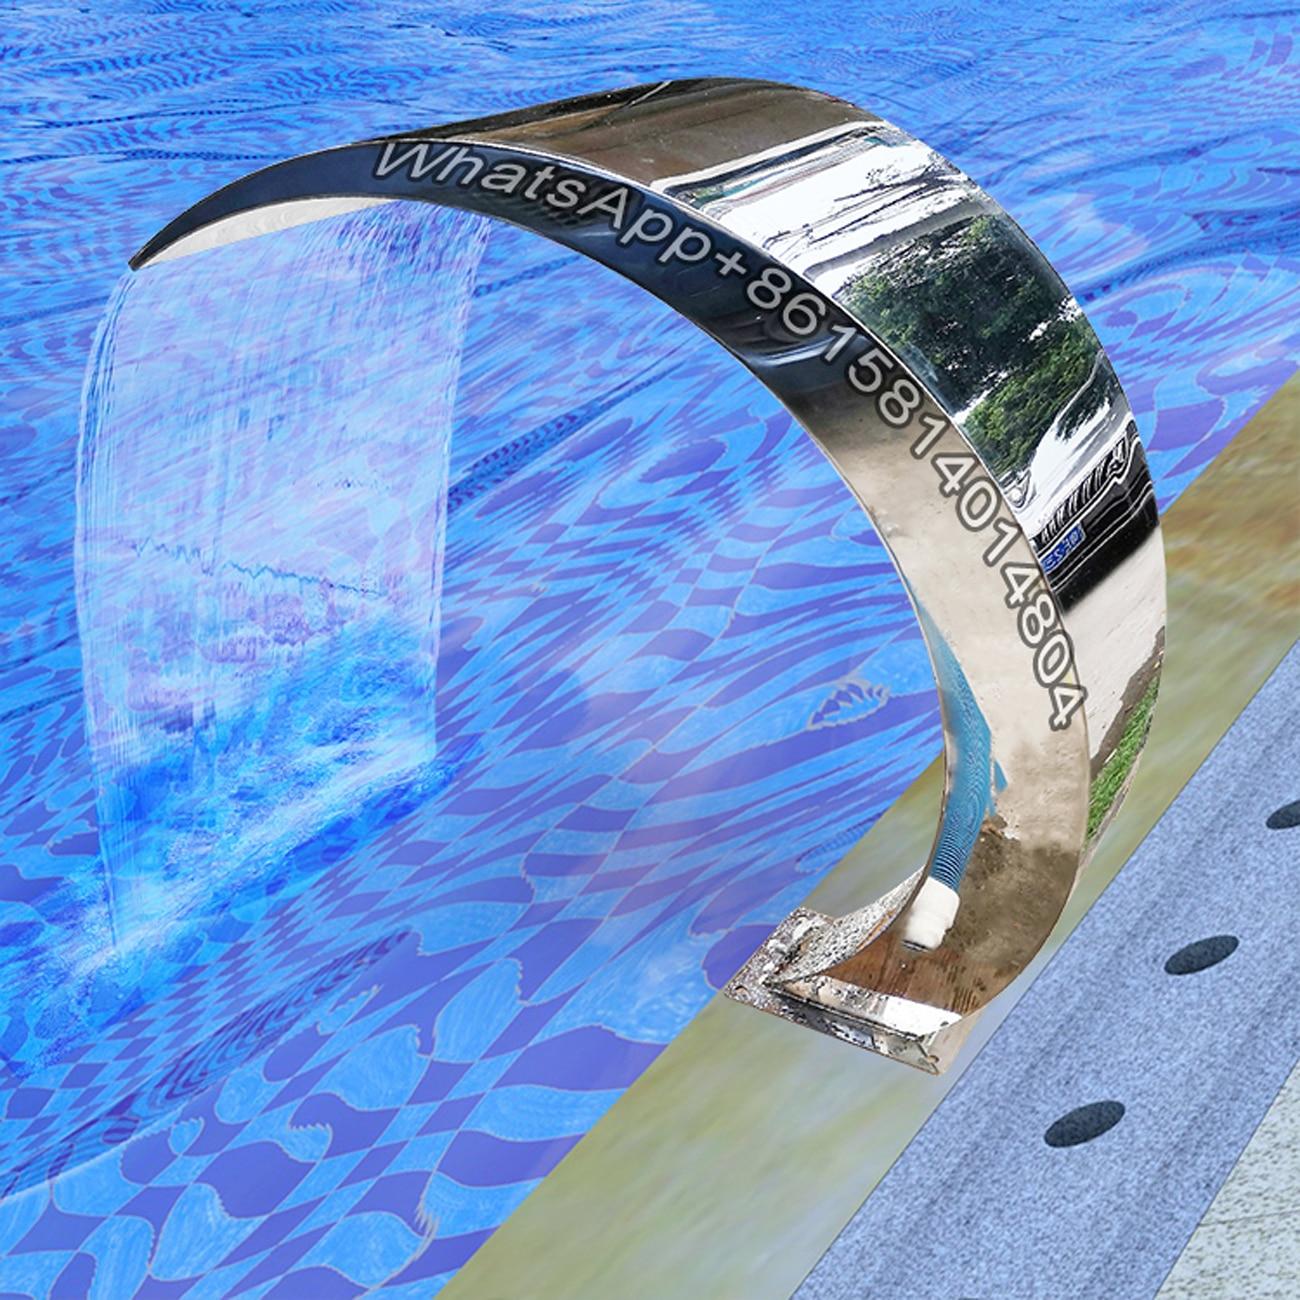 قوس هوك ستارة المياه ، آلة حمام السباحة ، نافورة سبا ، 304 الفولاذ المقاوم للصدأ فوهة ، يمكن تخصيص تدليك معدات سبا